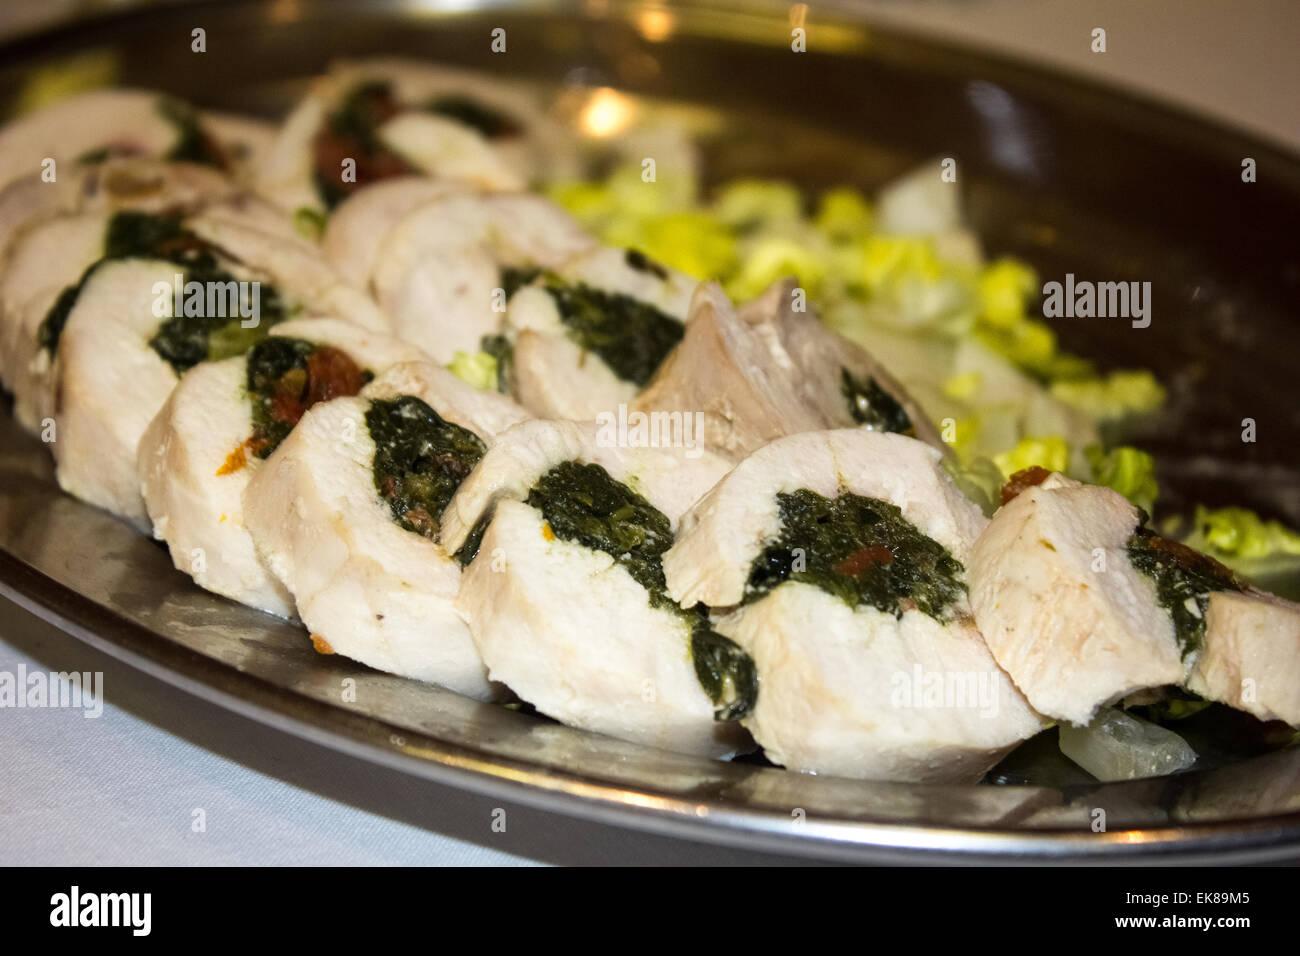 Canapés de pollo rellena con espinacas y salsa de arándano con lechuga en el lateral sobre una placa en Imagen De Stock